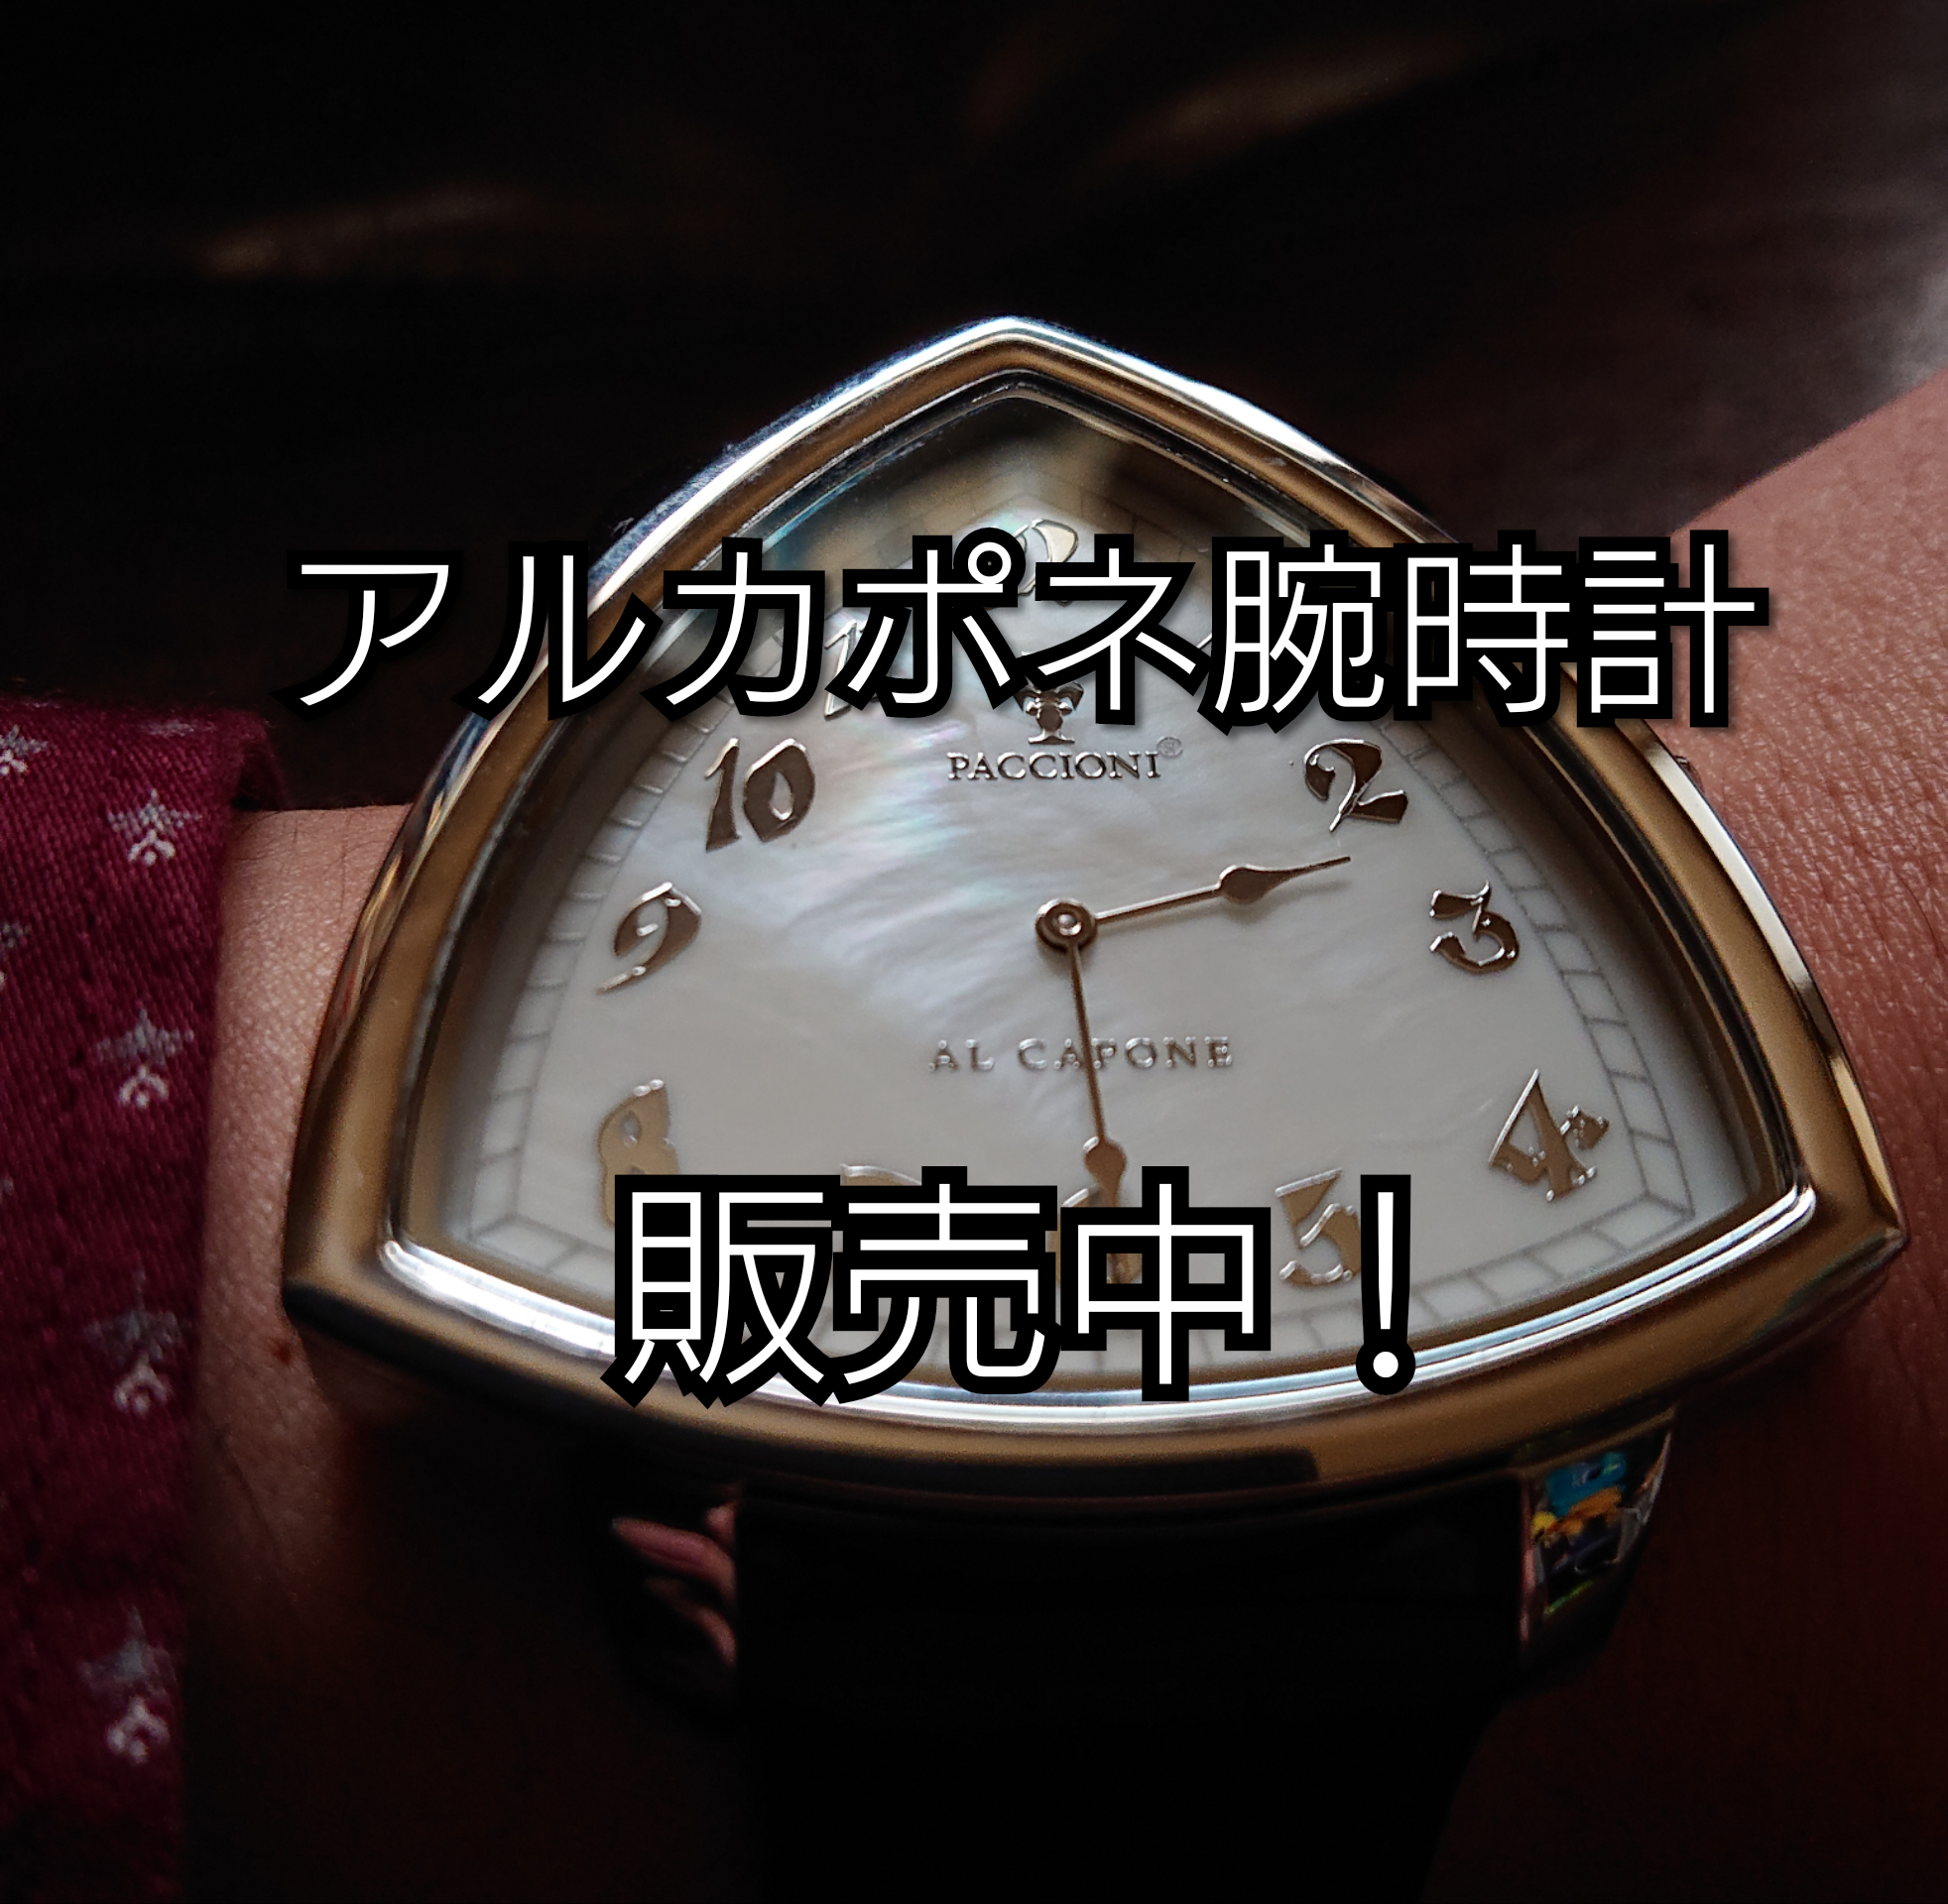 アルカポネの腕時計をご紹介